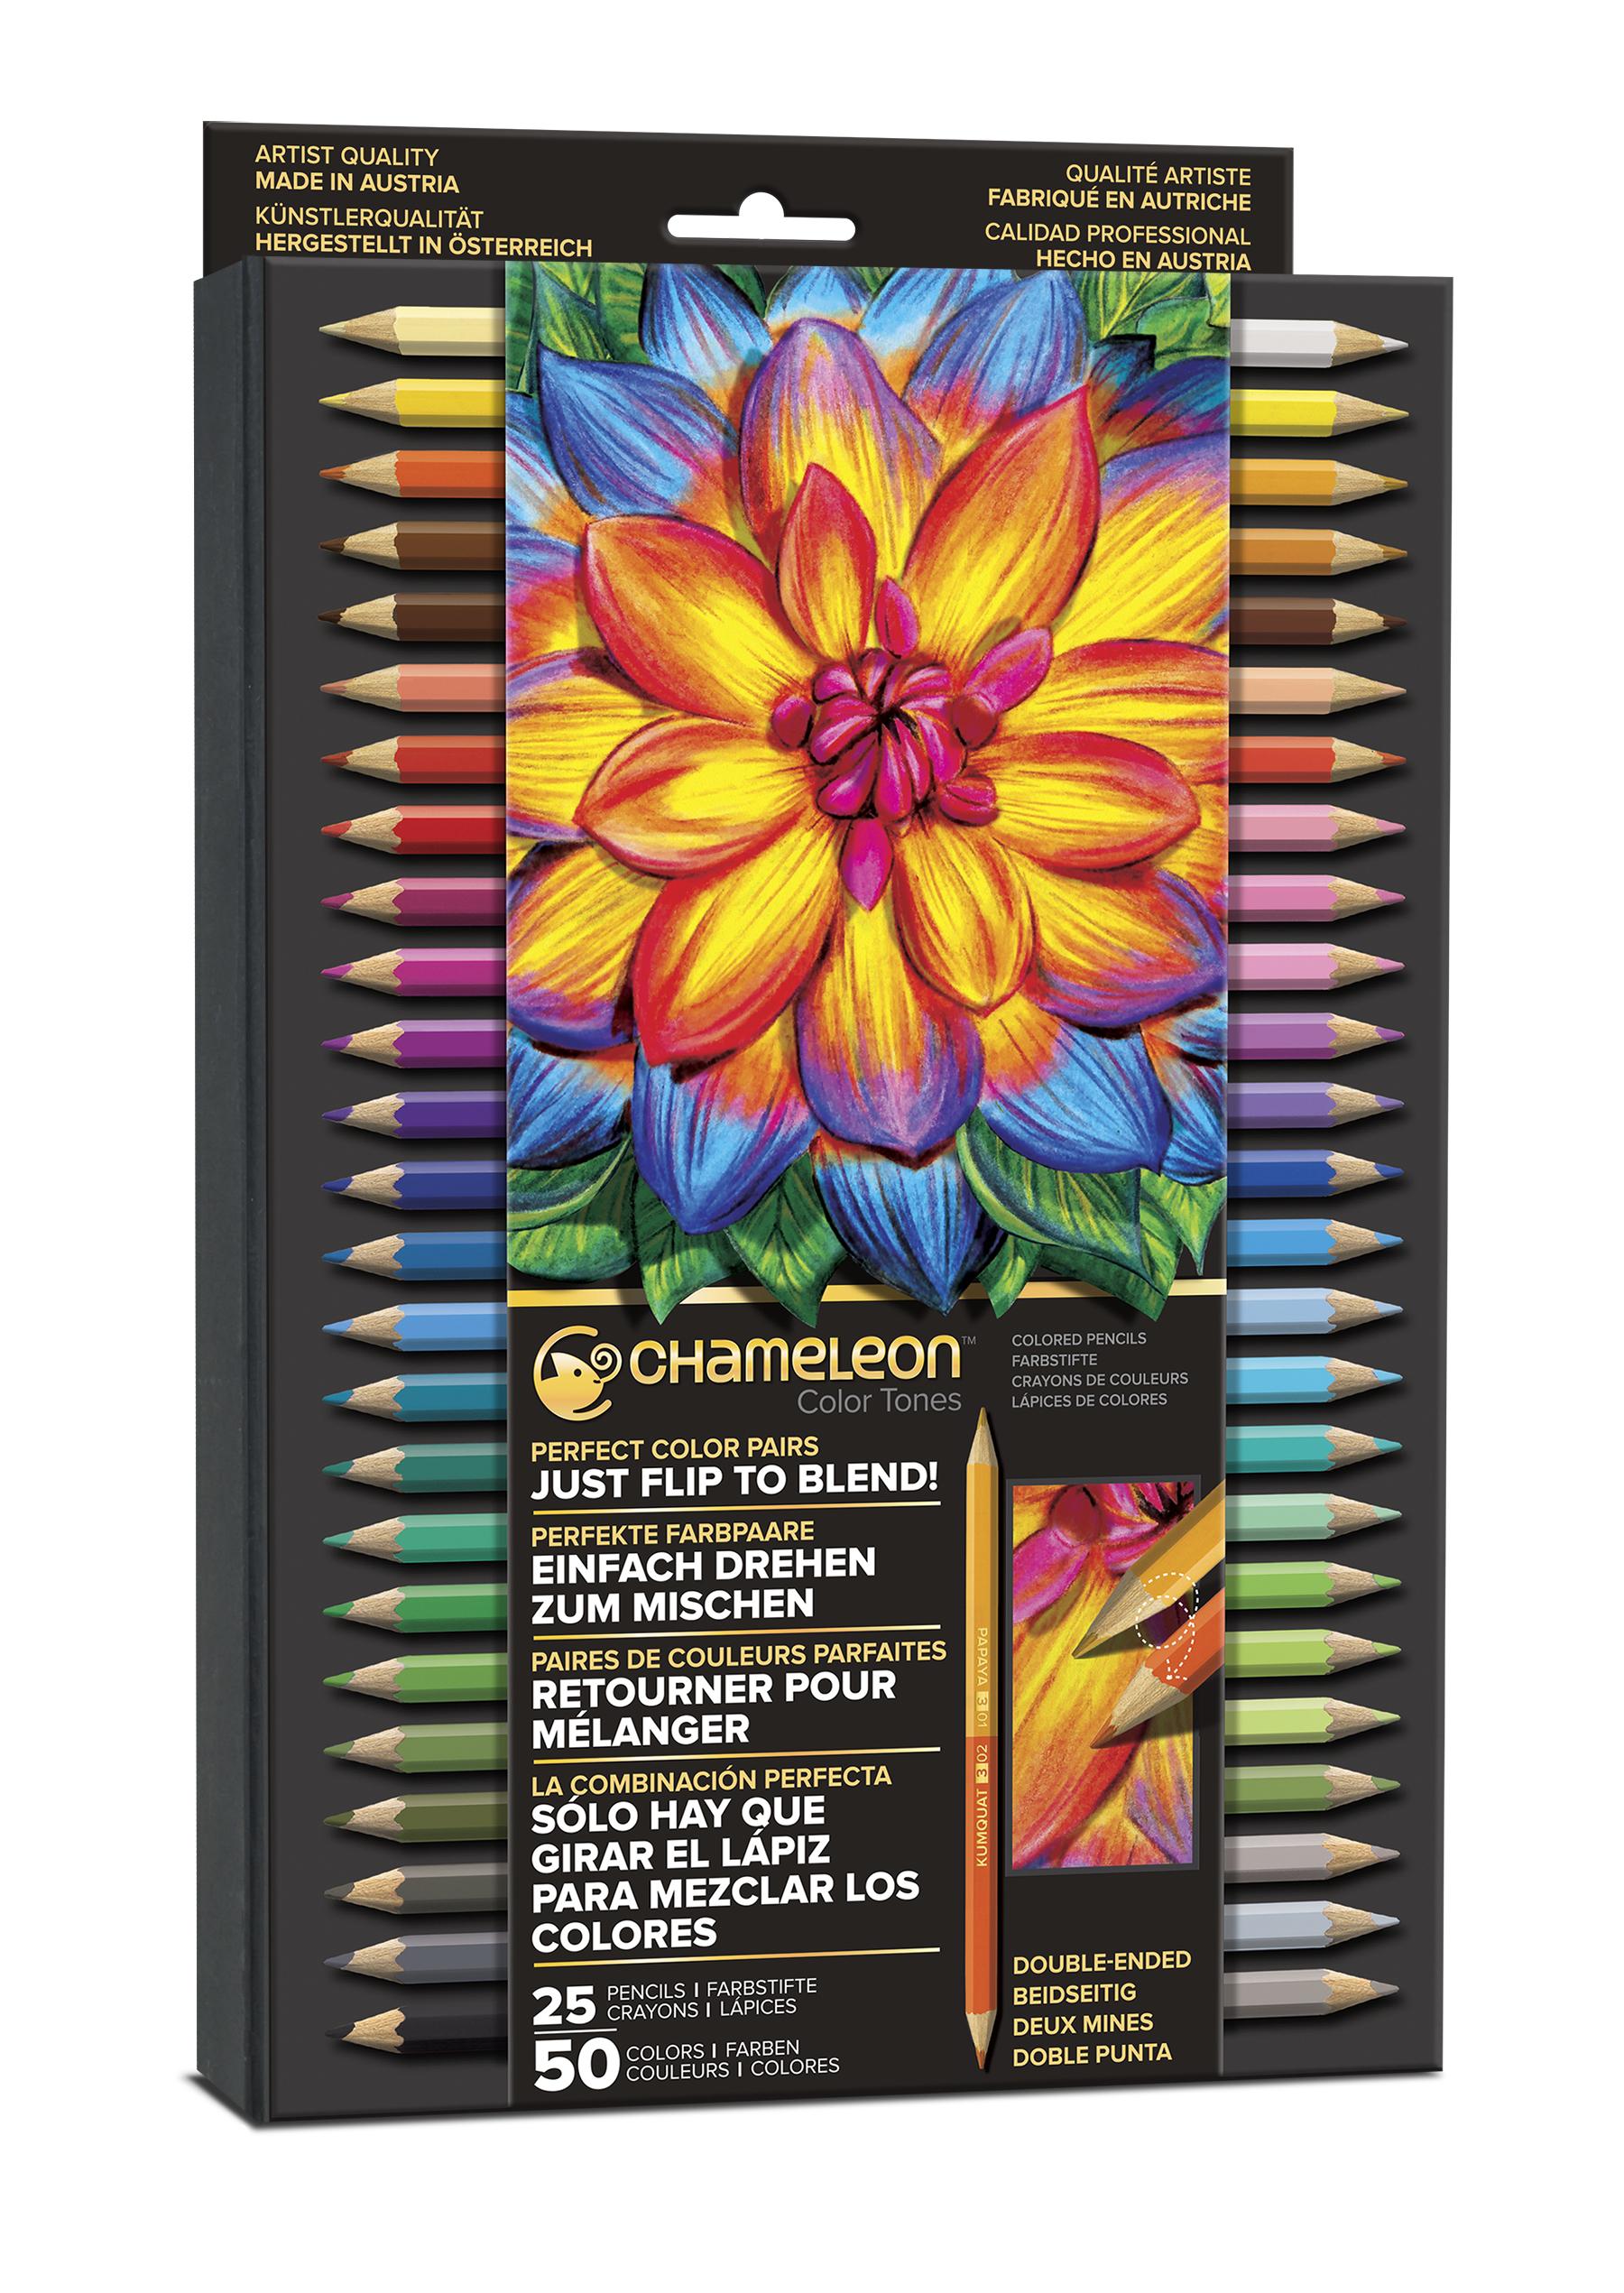 Chameleon 25 Pencils 50 Colors Set (カメレオン 25本入り50色 色鉛筆セット)